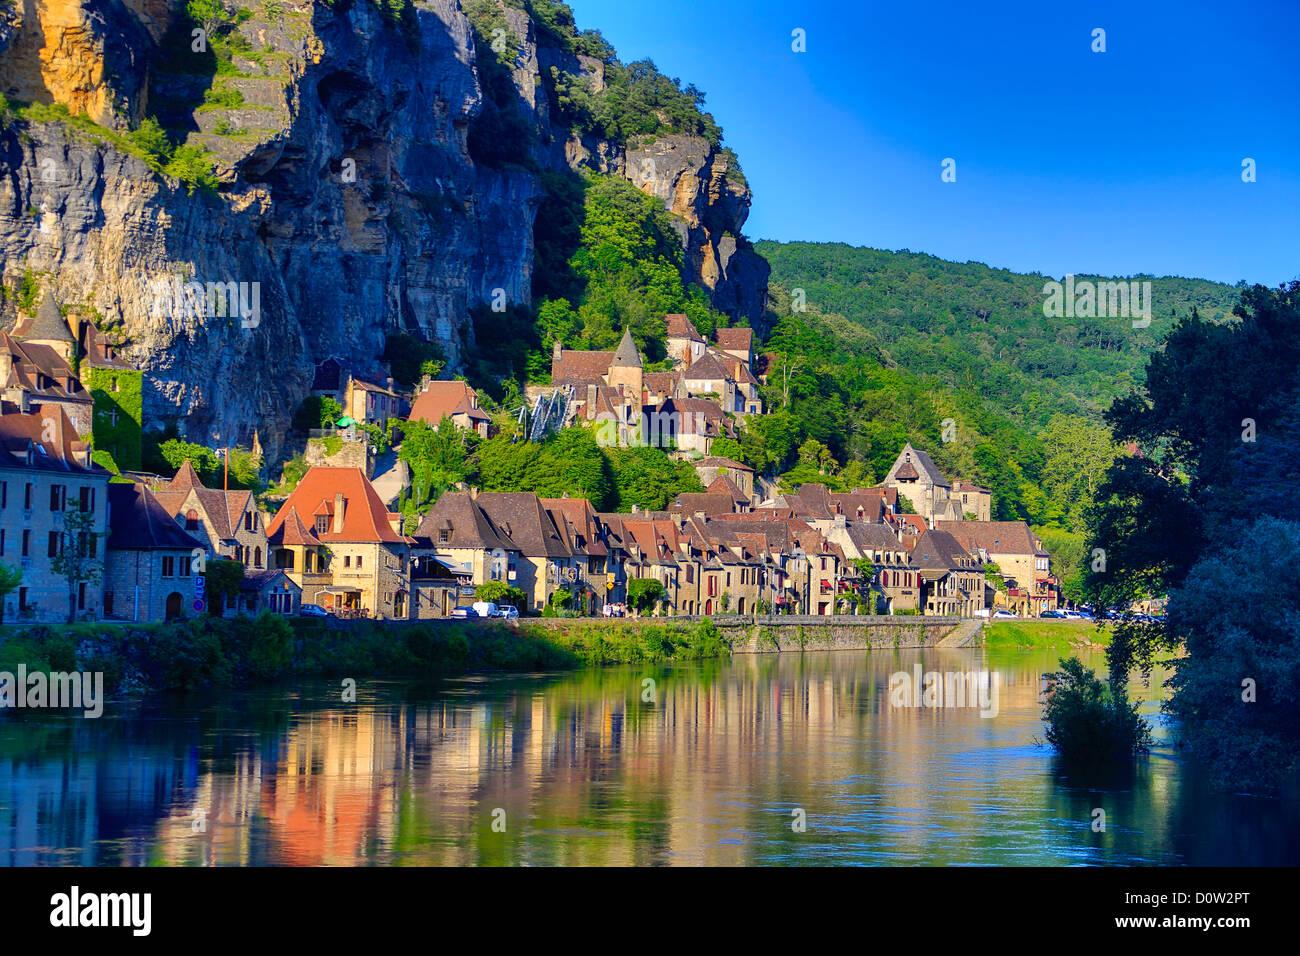 France, Europe, voyage, Dordogne, La Roque Gageac, rivière, l'architecture, médiévale, réflexion, Photo Stock